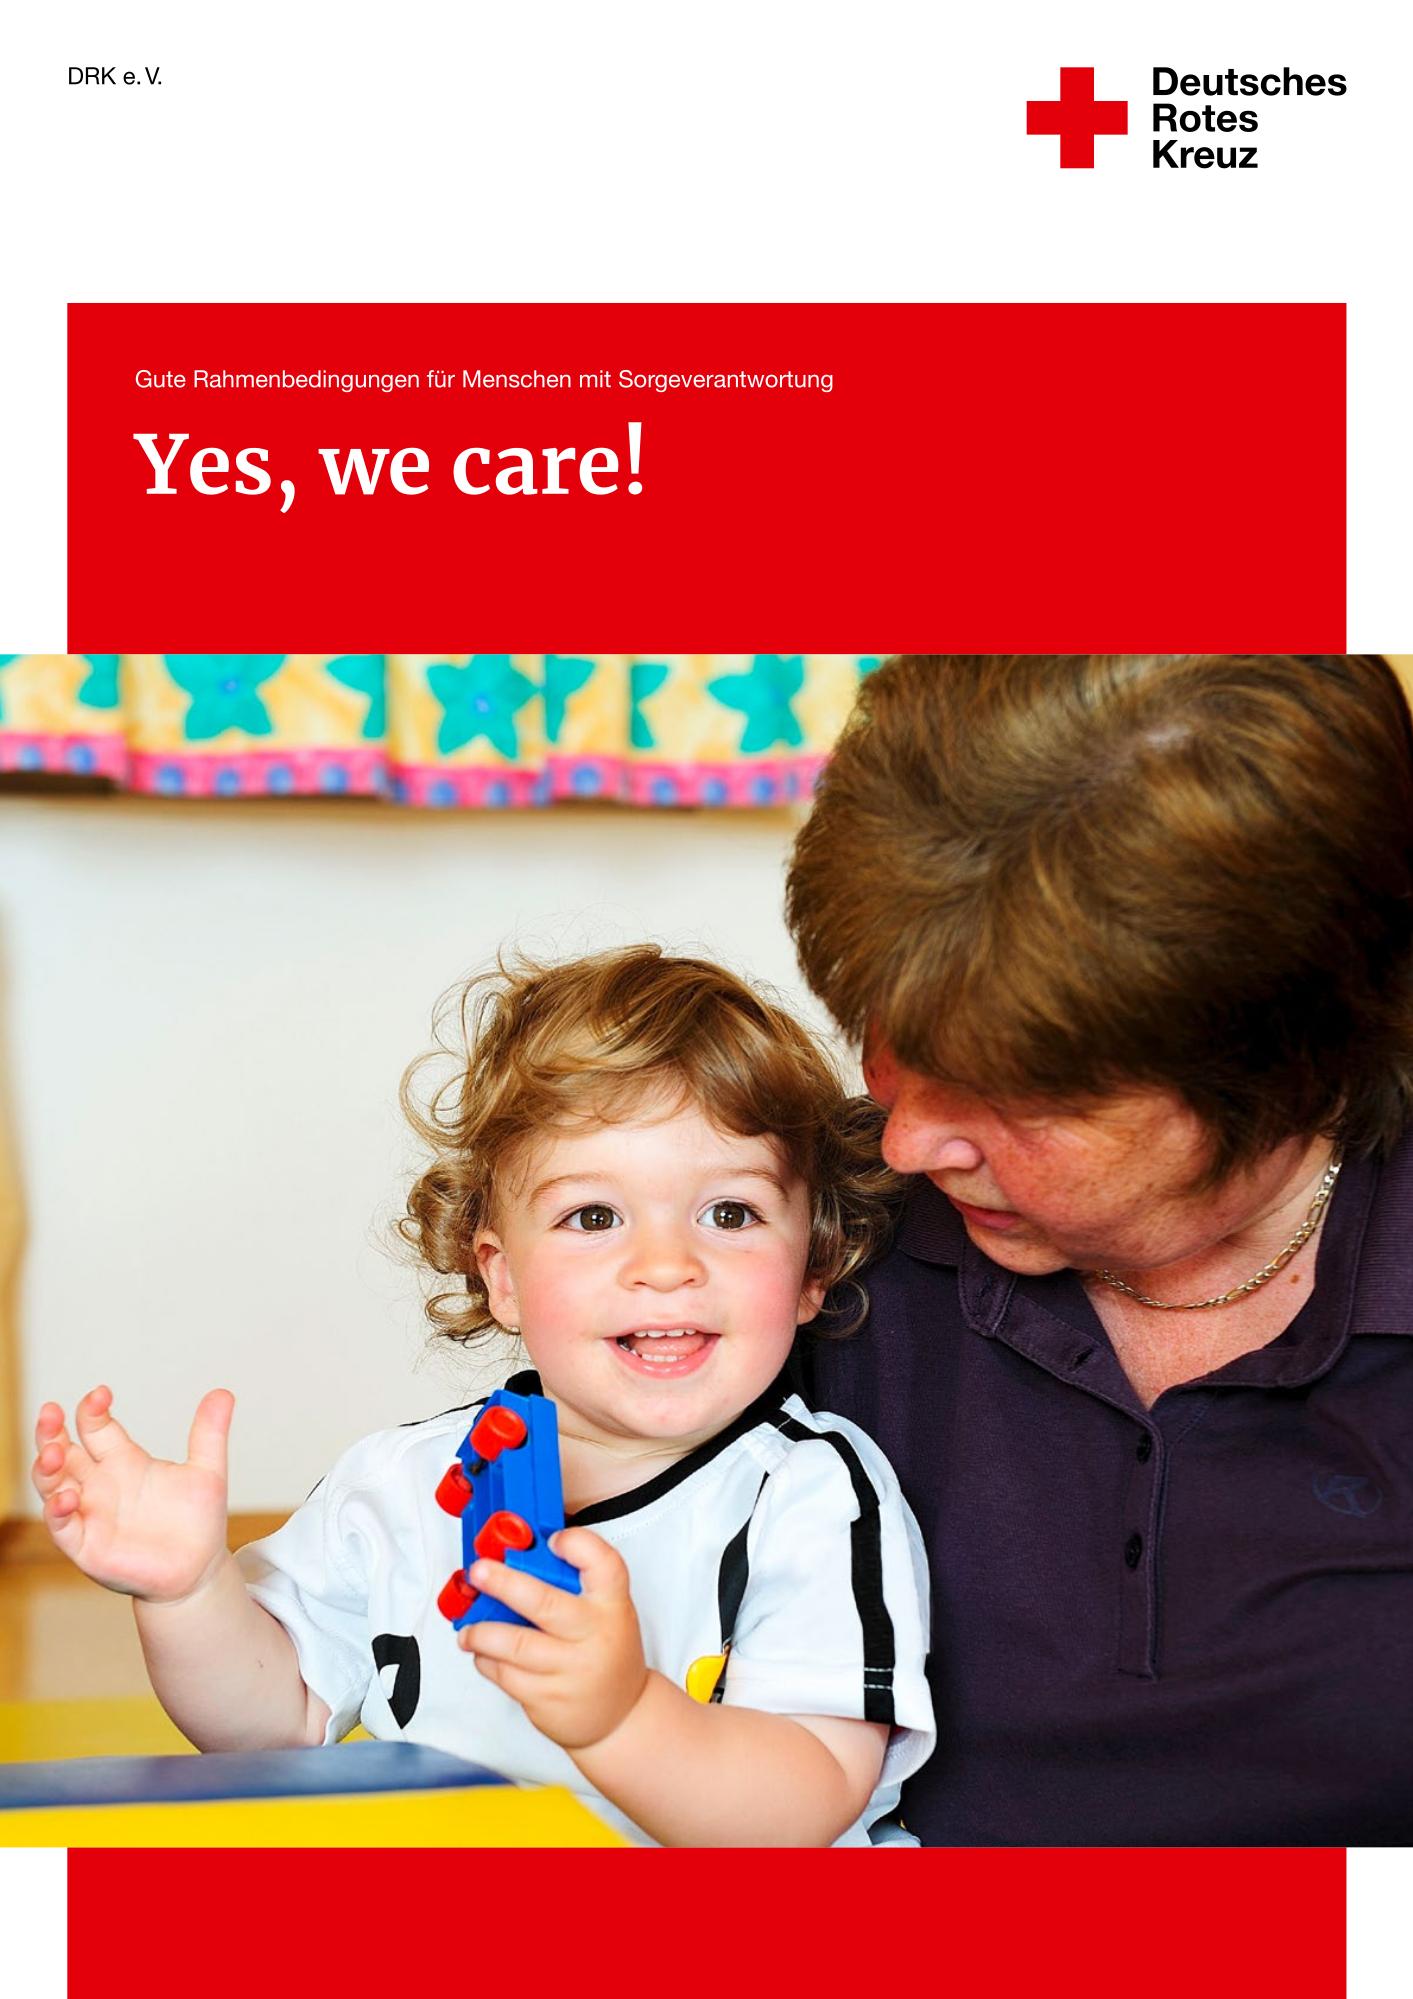 Yes, we care! Gute Rahmenbedingungen für Menschen mit Sorgeverantwortung